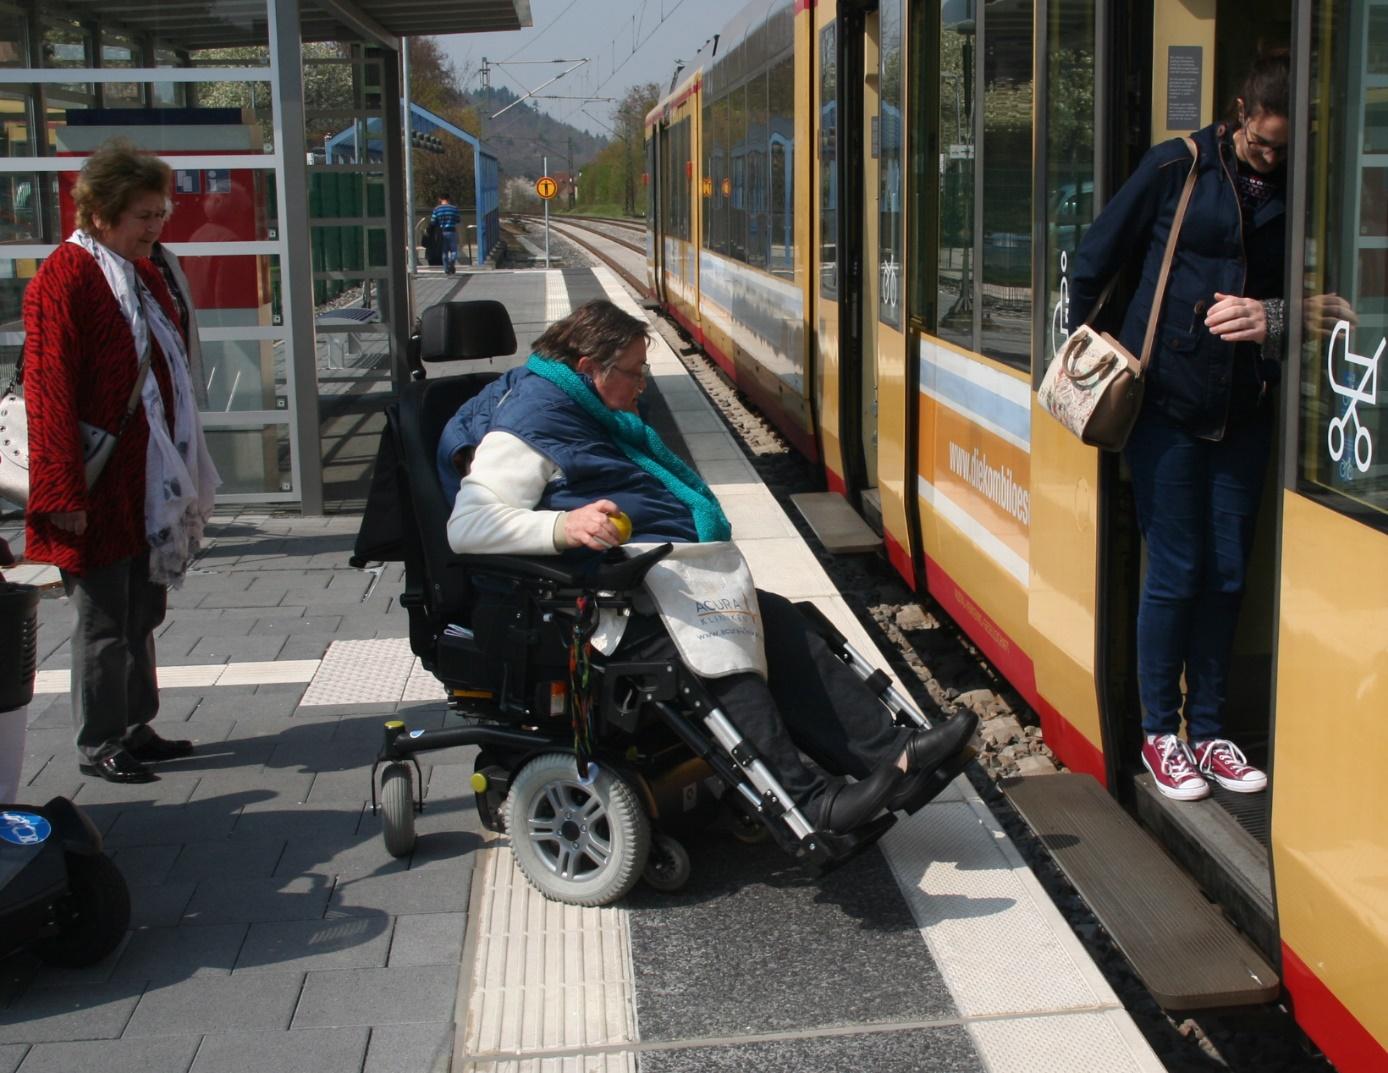 Frau Petra Schultern im E-Rolli fährt vom Ispringer Bahnhofsgleis Richtung Pforzheim in eine gelbe AVG Bahn ein. Die Türen der Straßenbahn werden durch Lena Kautz offengehalten indem sie die Lichtschranke versperrt. Frau Illona Geisselhardt beobachtet vom Bahngleis aus wenigen Metern Entfernung das Geschehen.